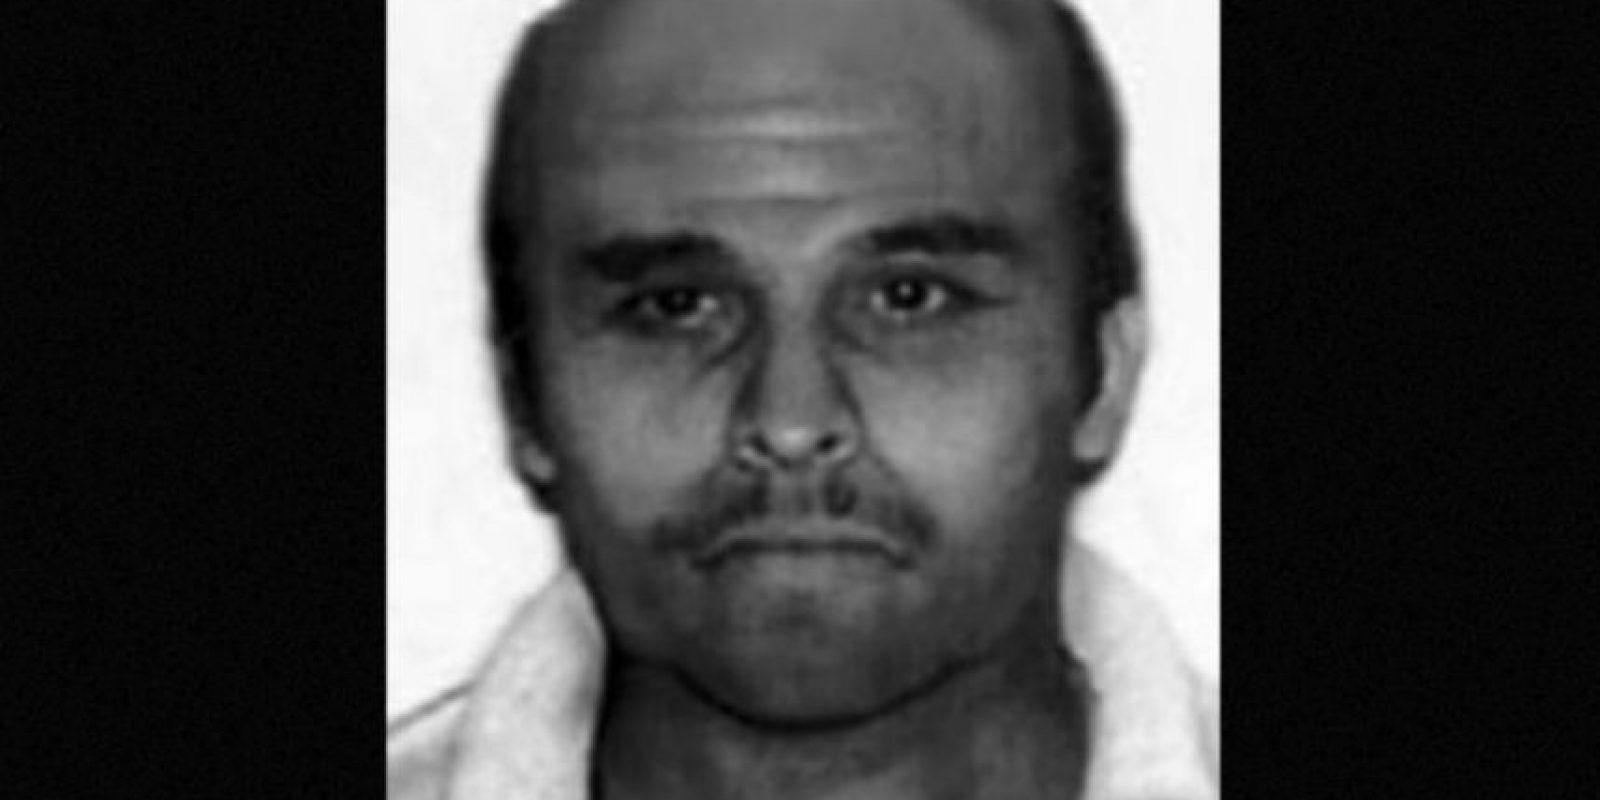 2. Victor Manuel Gerena. Se le acusa del robo de siete millones de dólares ocurrido en Connecticut en 1983. Se ofrece un millón de dólares de recompensa por información que lleve a su captura Foto:fbi.gov/wanted/topten